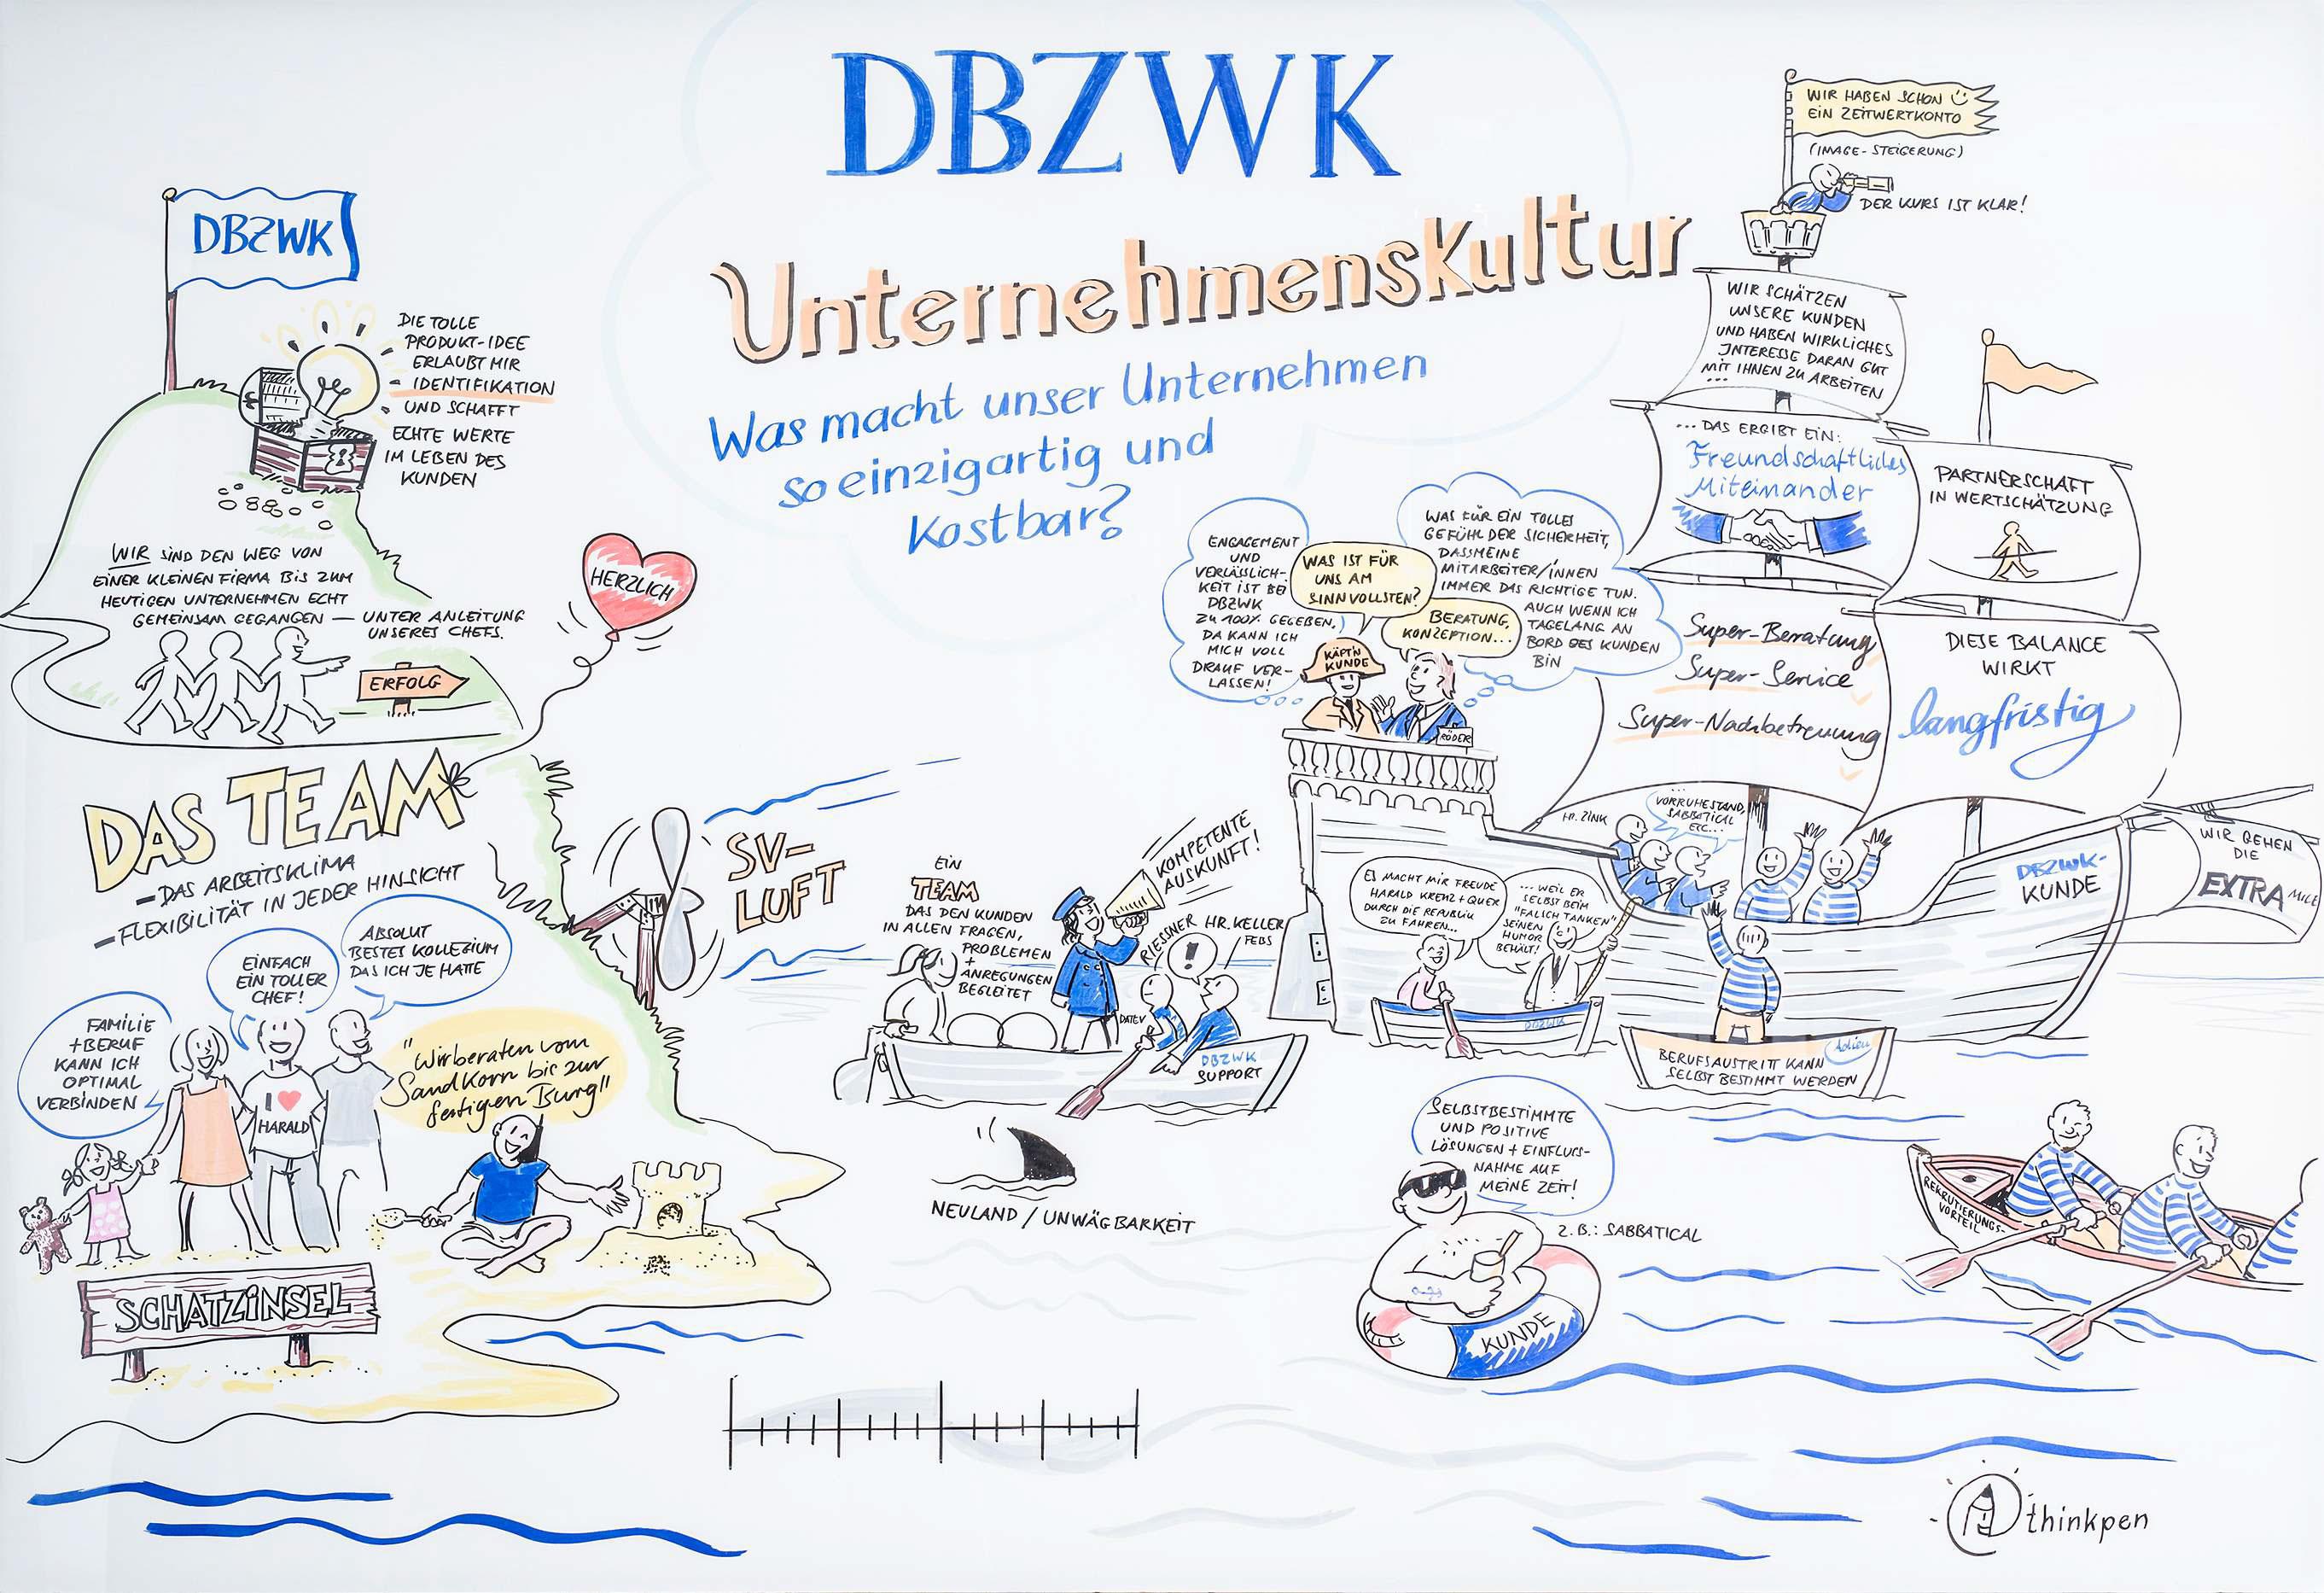 Die DBZWK Unternehmenskultur als Graphic-Recording-Motiv